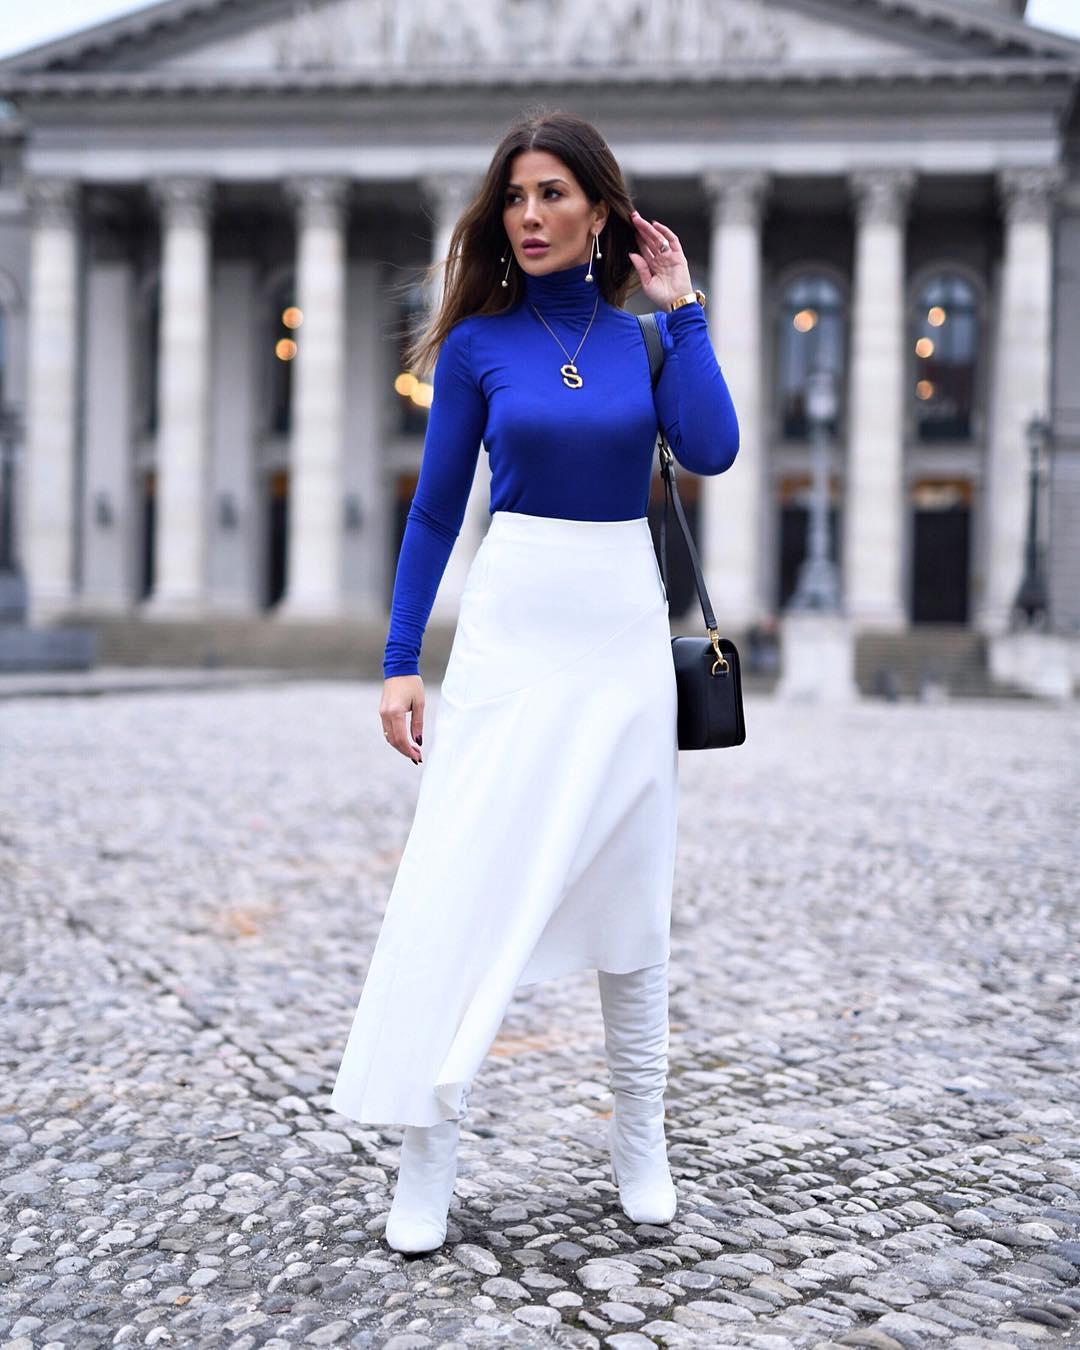 длинные юбки осени 2019 фото 4